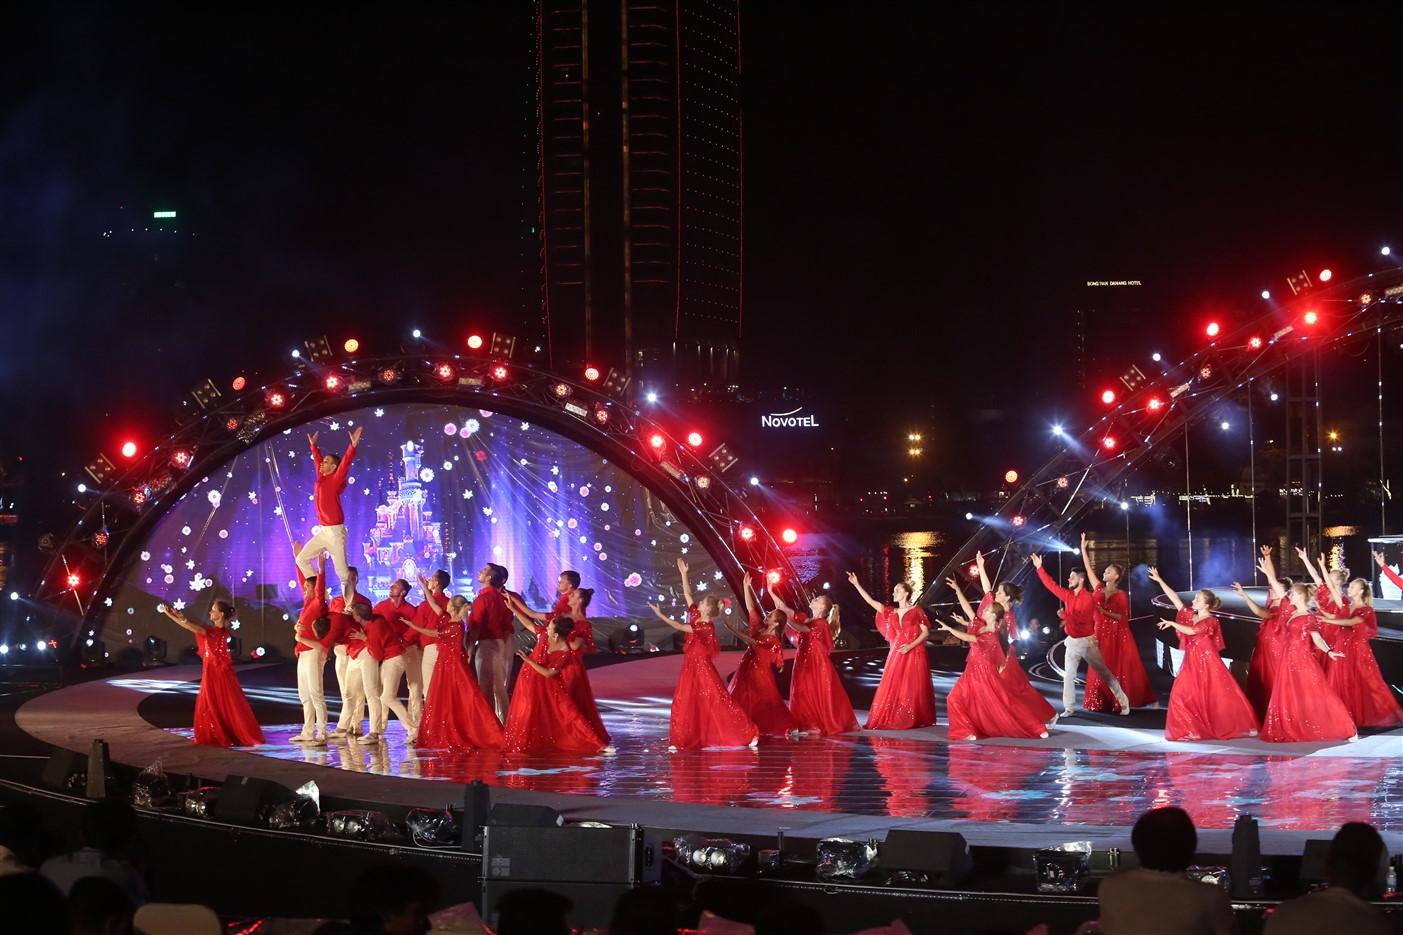 Lễ hội pháo hoa Quốc tế Đà Nẵng 2018 đã sẵn sàng cho đêm khai mạc